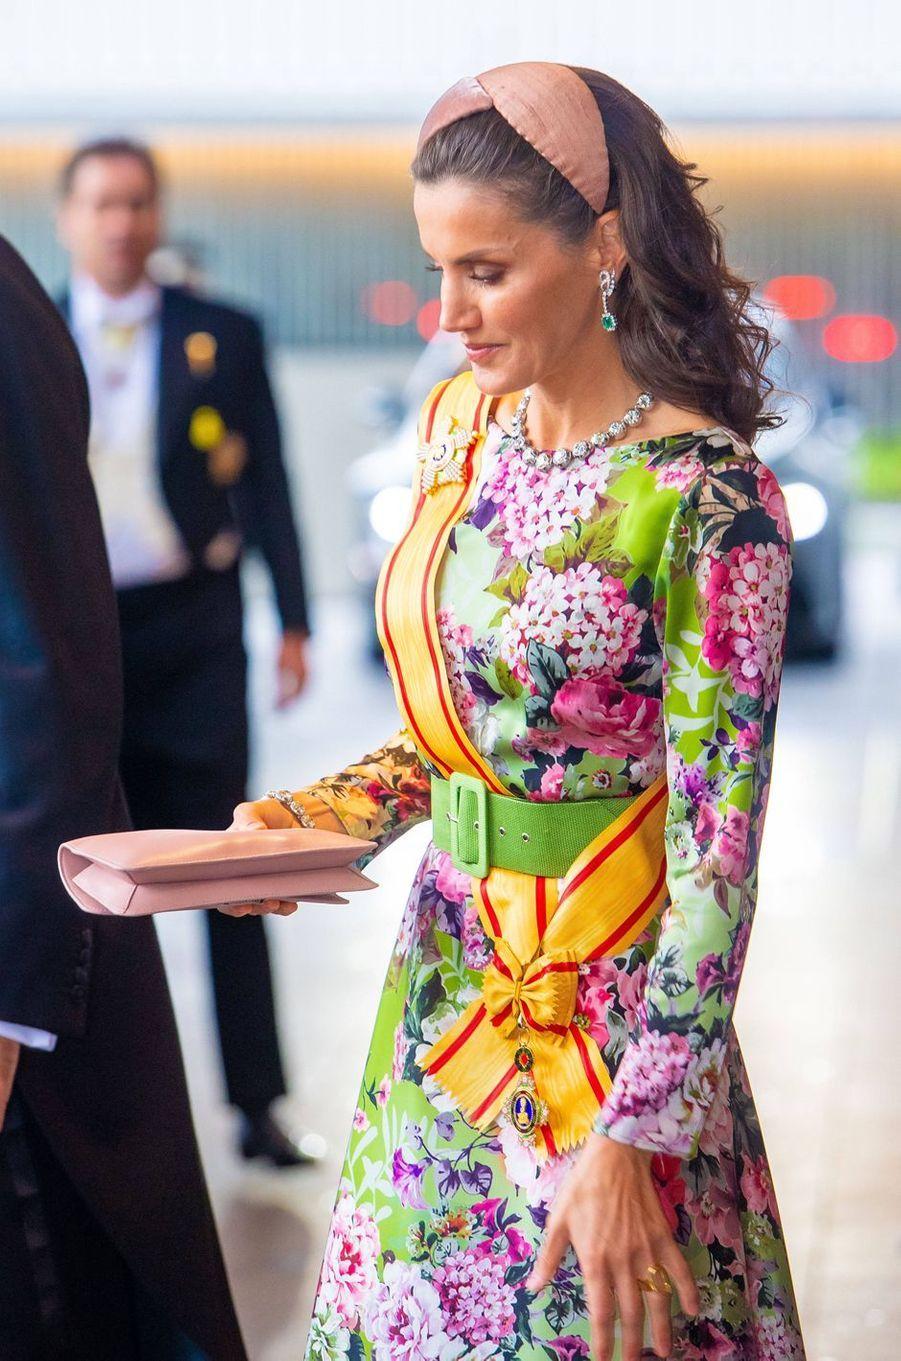 La reine Letizia d'Espagne portant sa bague Karen Hallam lors de la cérémonie d'intronisation de l'empereur Naruhito du Japon à Tokyo, le 22 octobre 2019